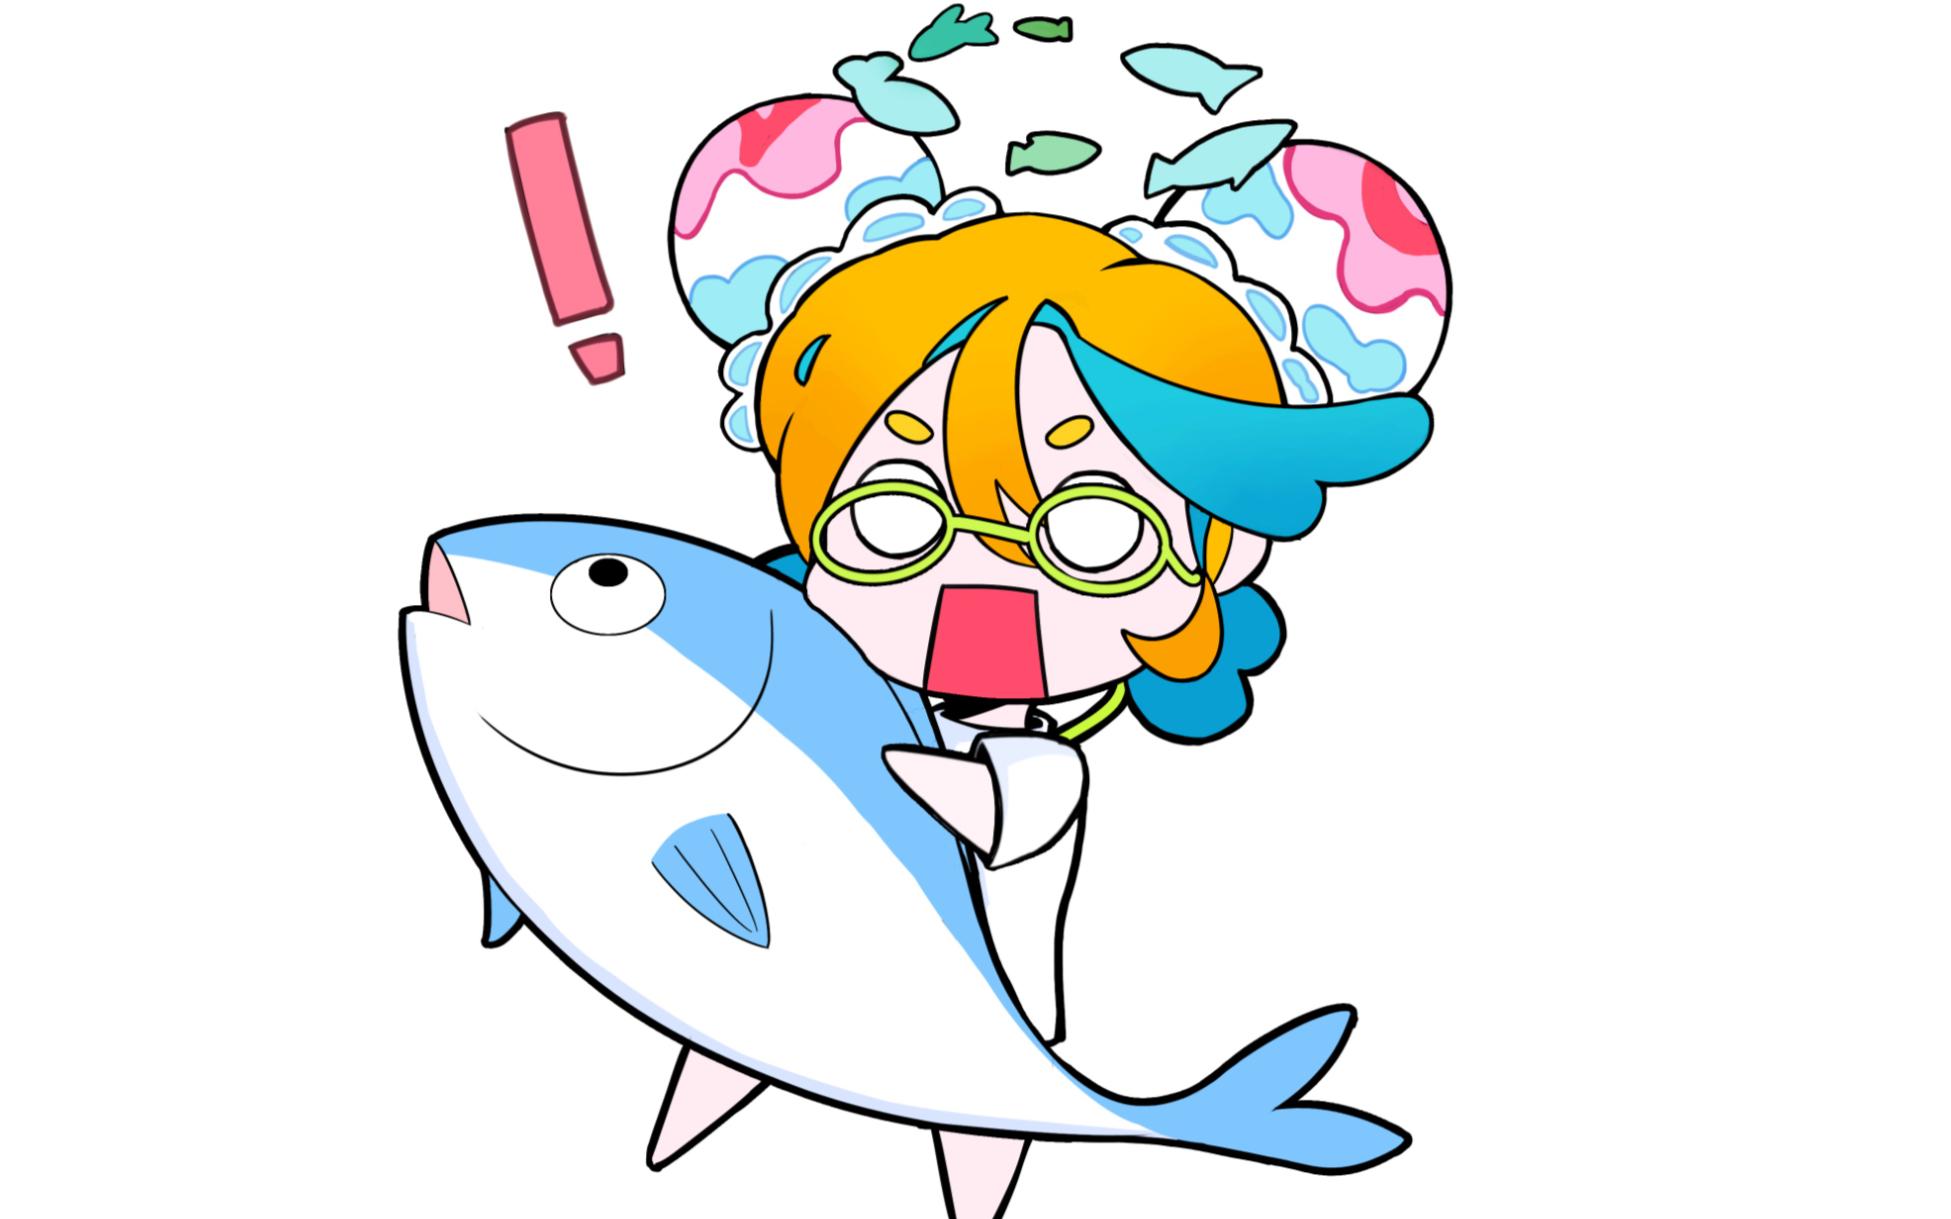 【AC娘】Live!今天是我摸鱼娘谢霸霸哒!